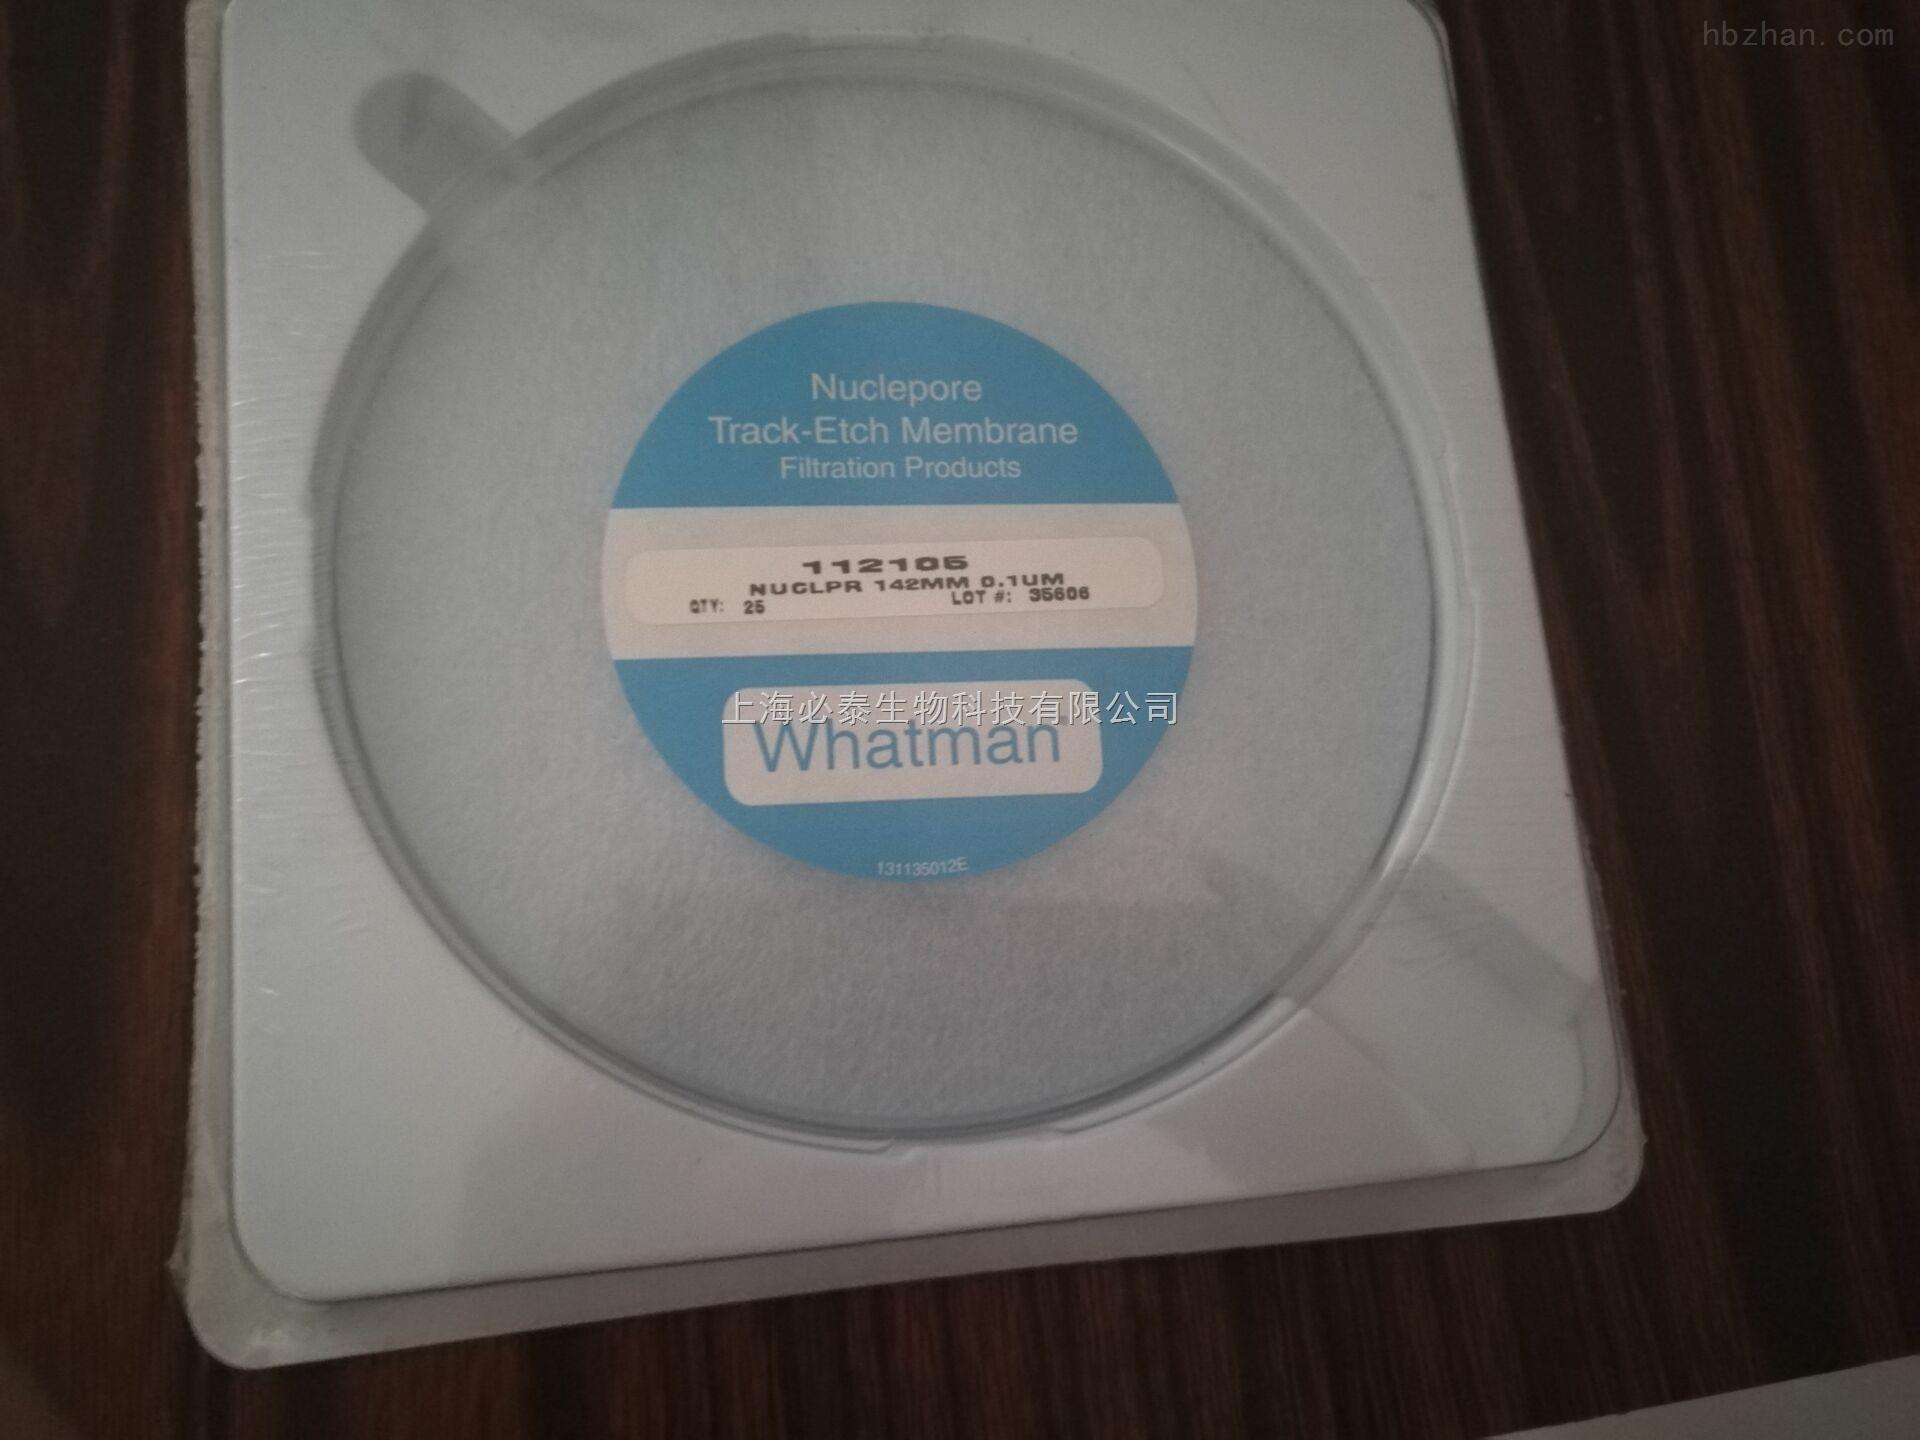 whatman聚碳酸酯膜112105